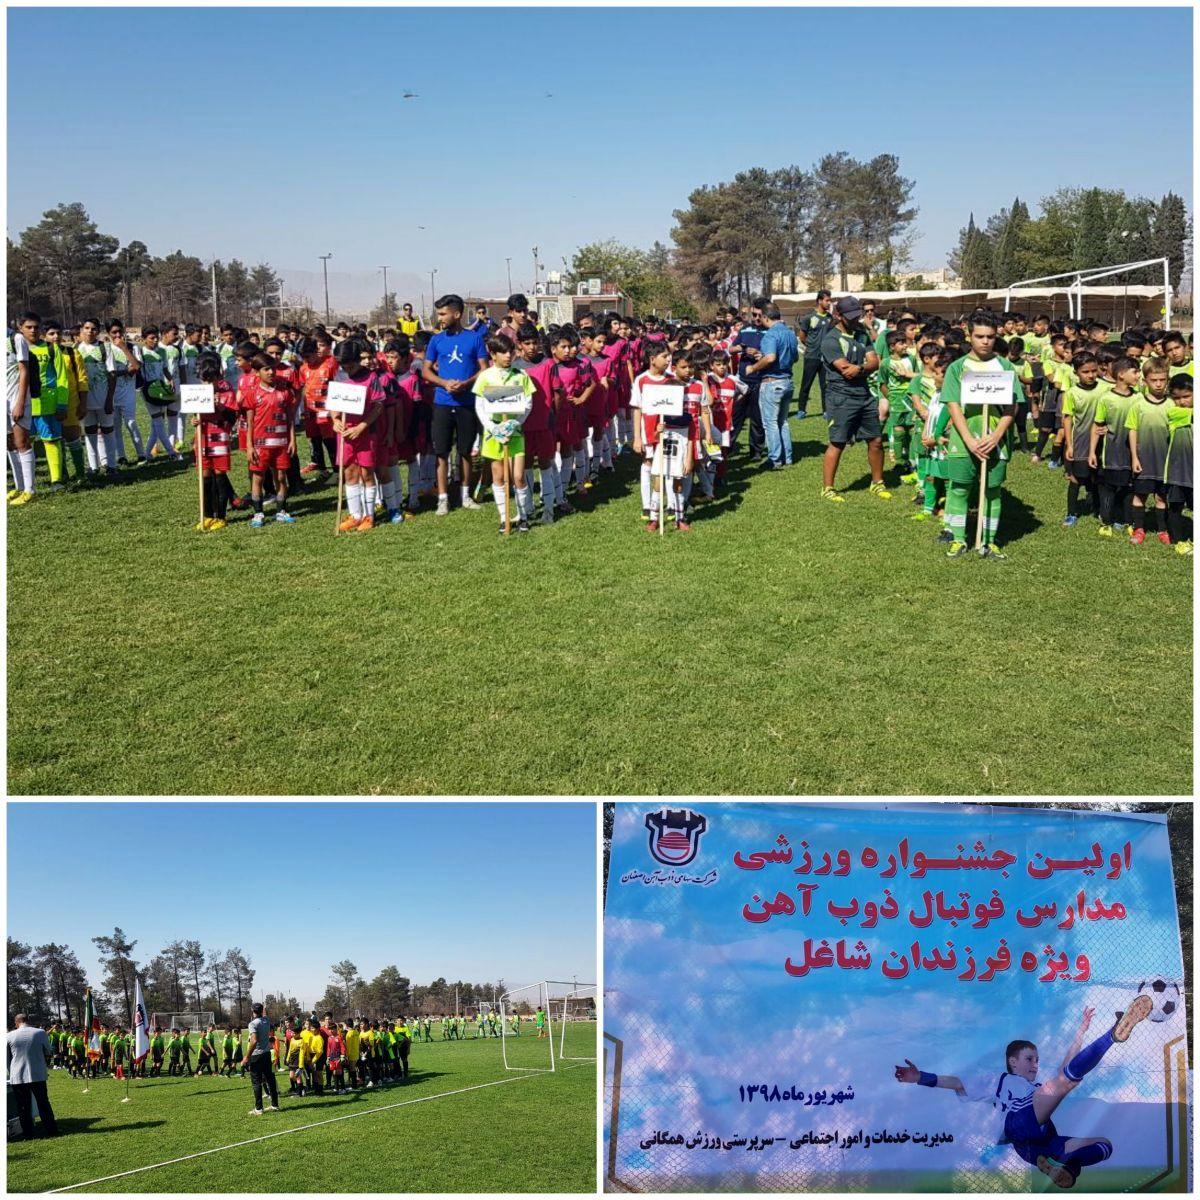 برگزاری اولین جشنواره ورزشی مدارس فوتبال ویژه  فرزندان شاغل ذوب آهن اصفهان